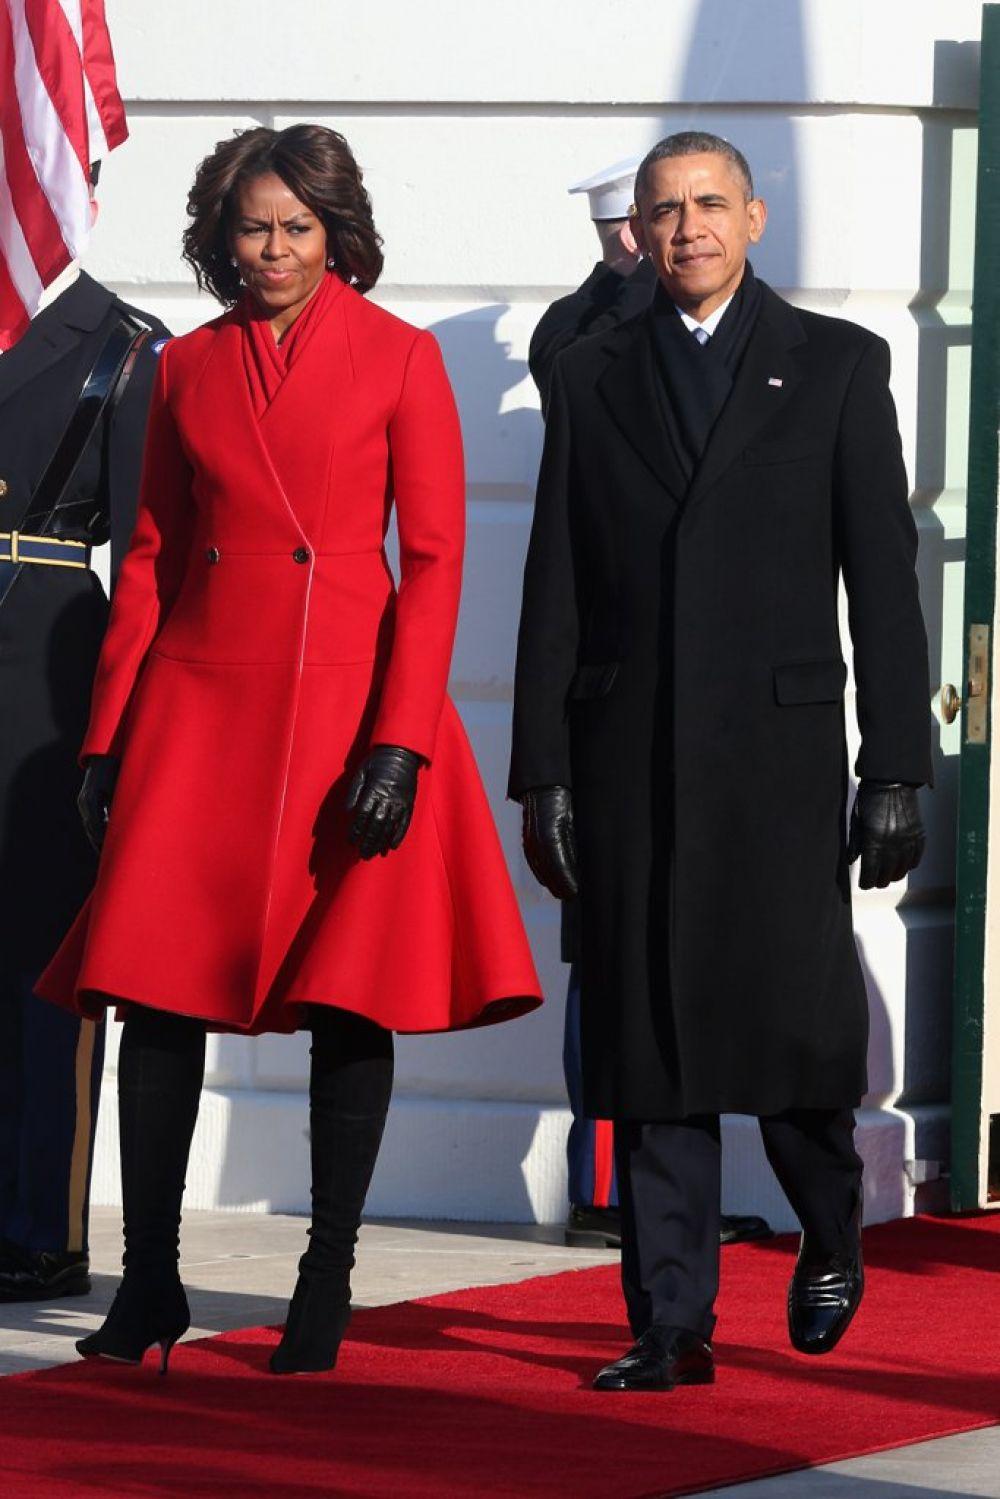 Фасон и цвет этого пальто заставляет юных девушек по всему миру тратить деньги на такие элегантные наряды